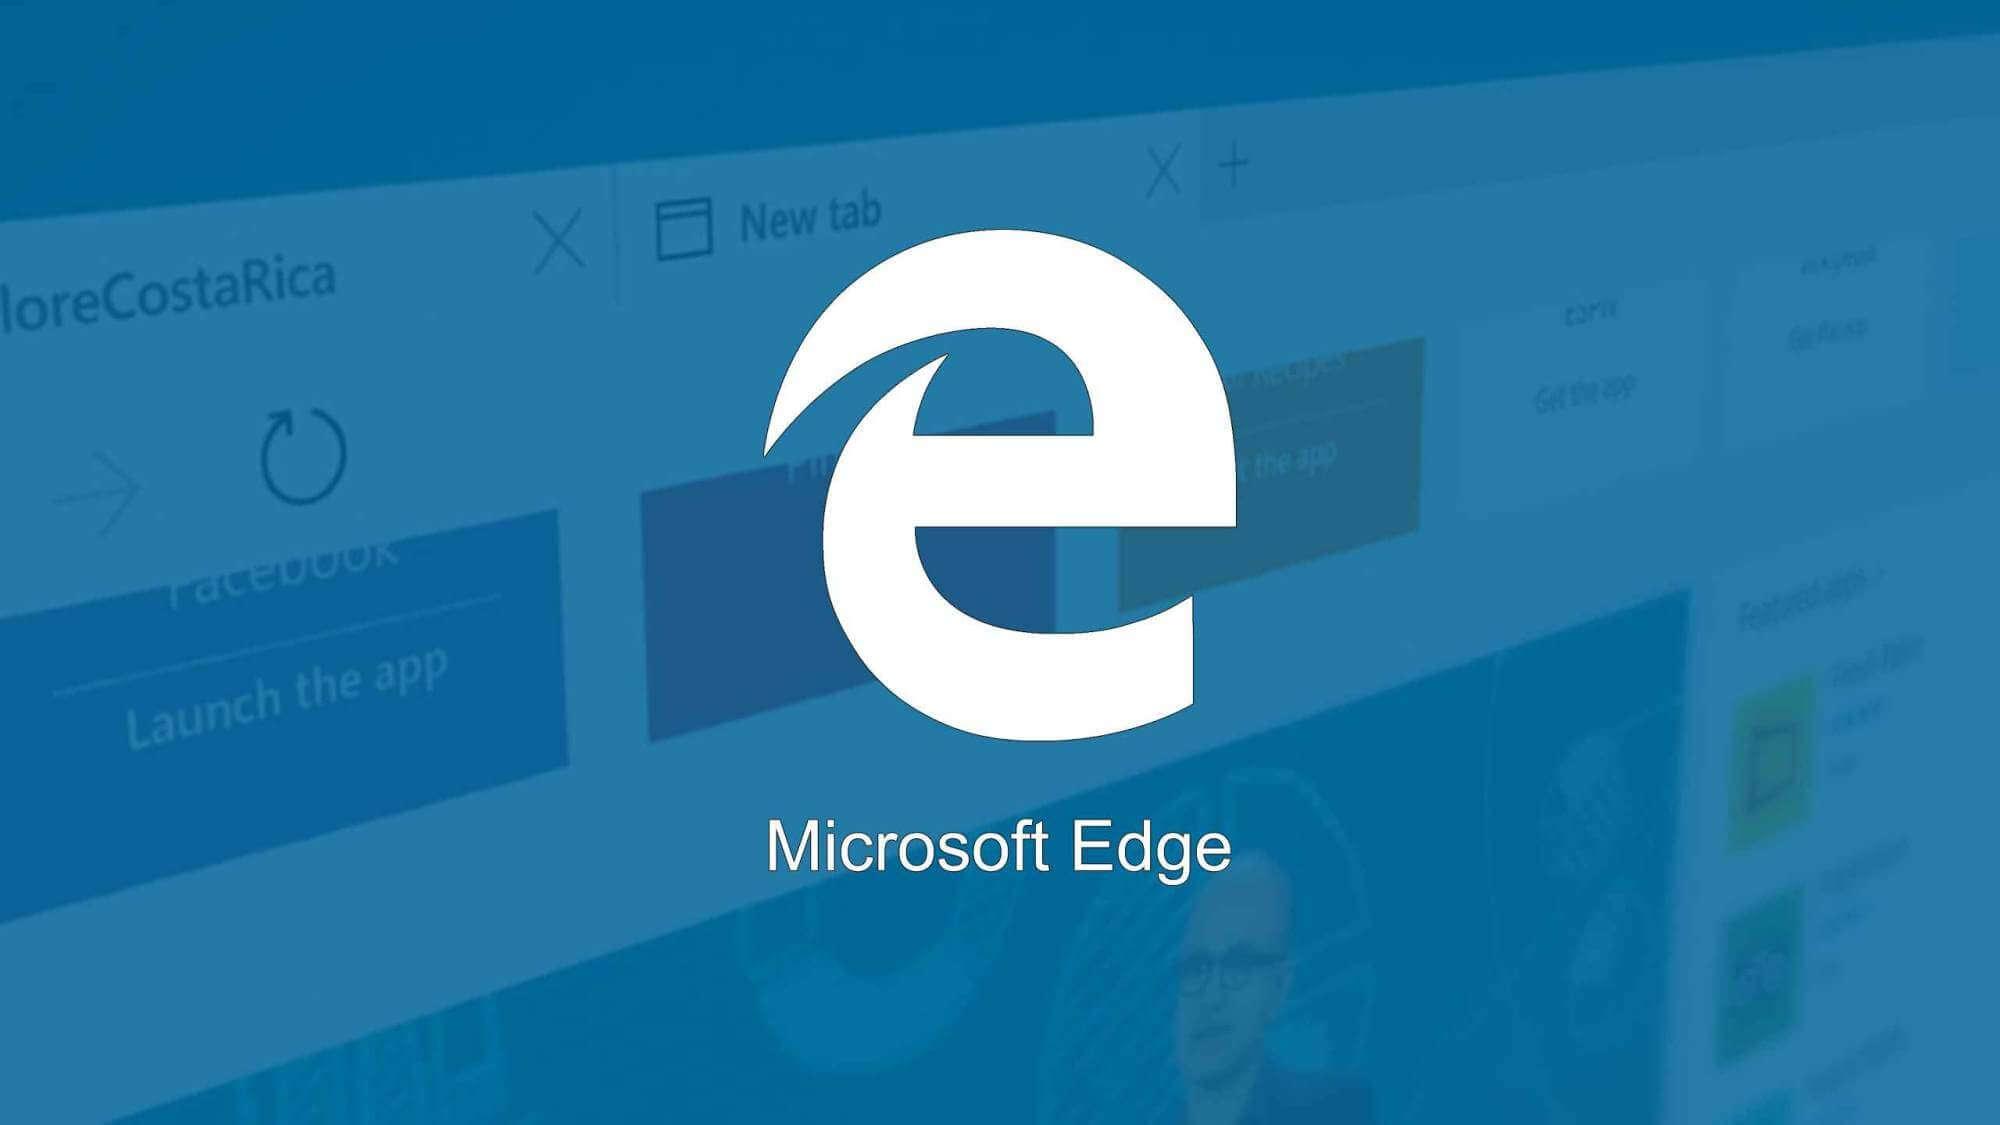 original min - Saiba por que o Edge não é ruim e o que faz a Microsoft insistir nele